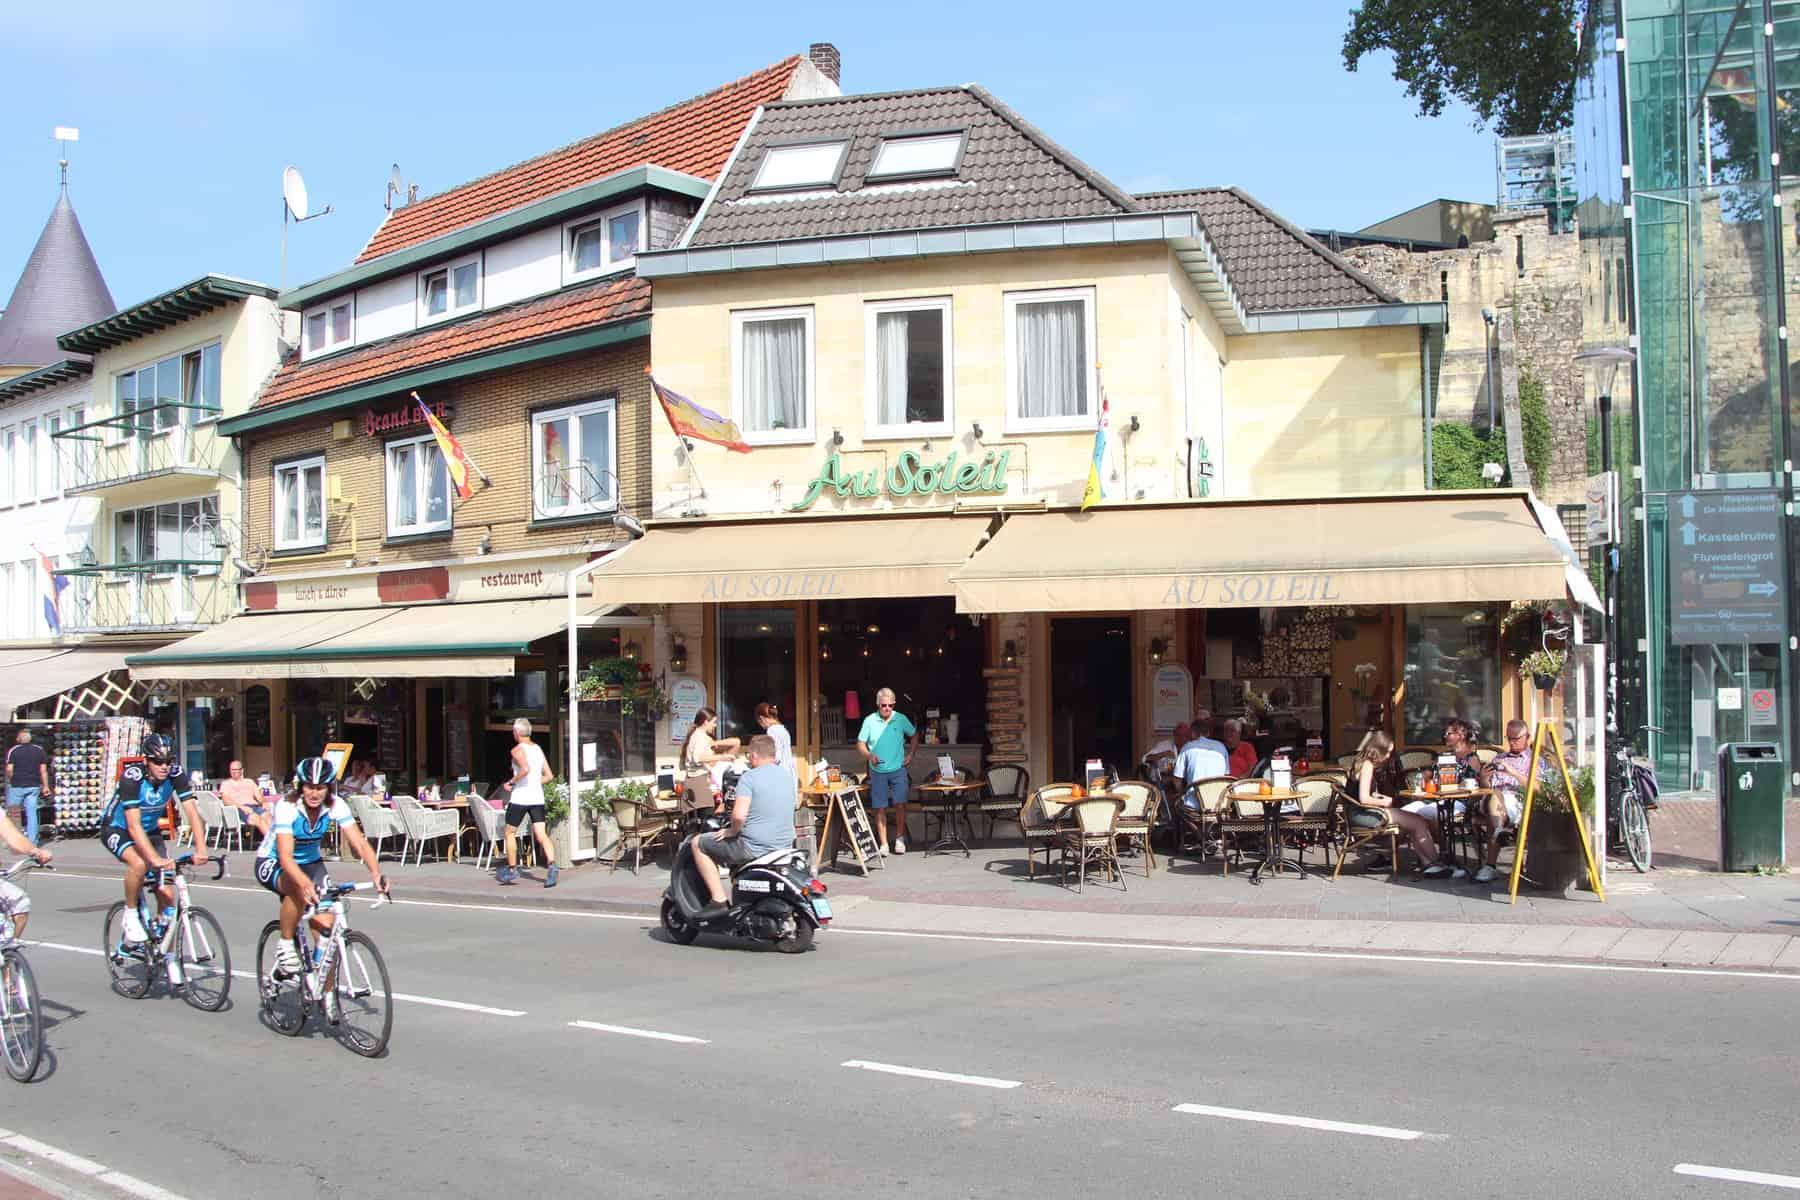 brasserie valkenburg